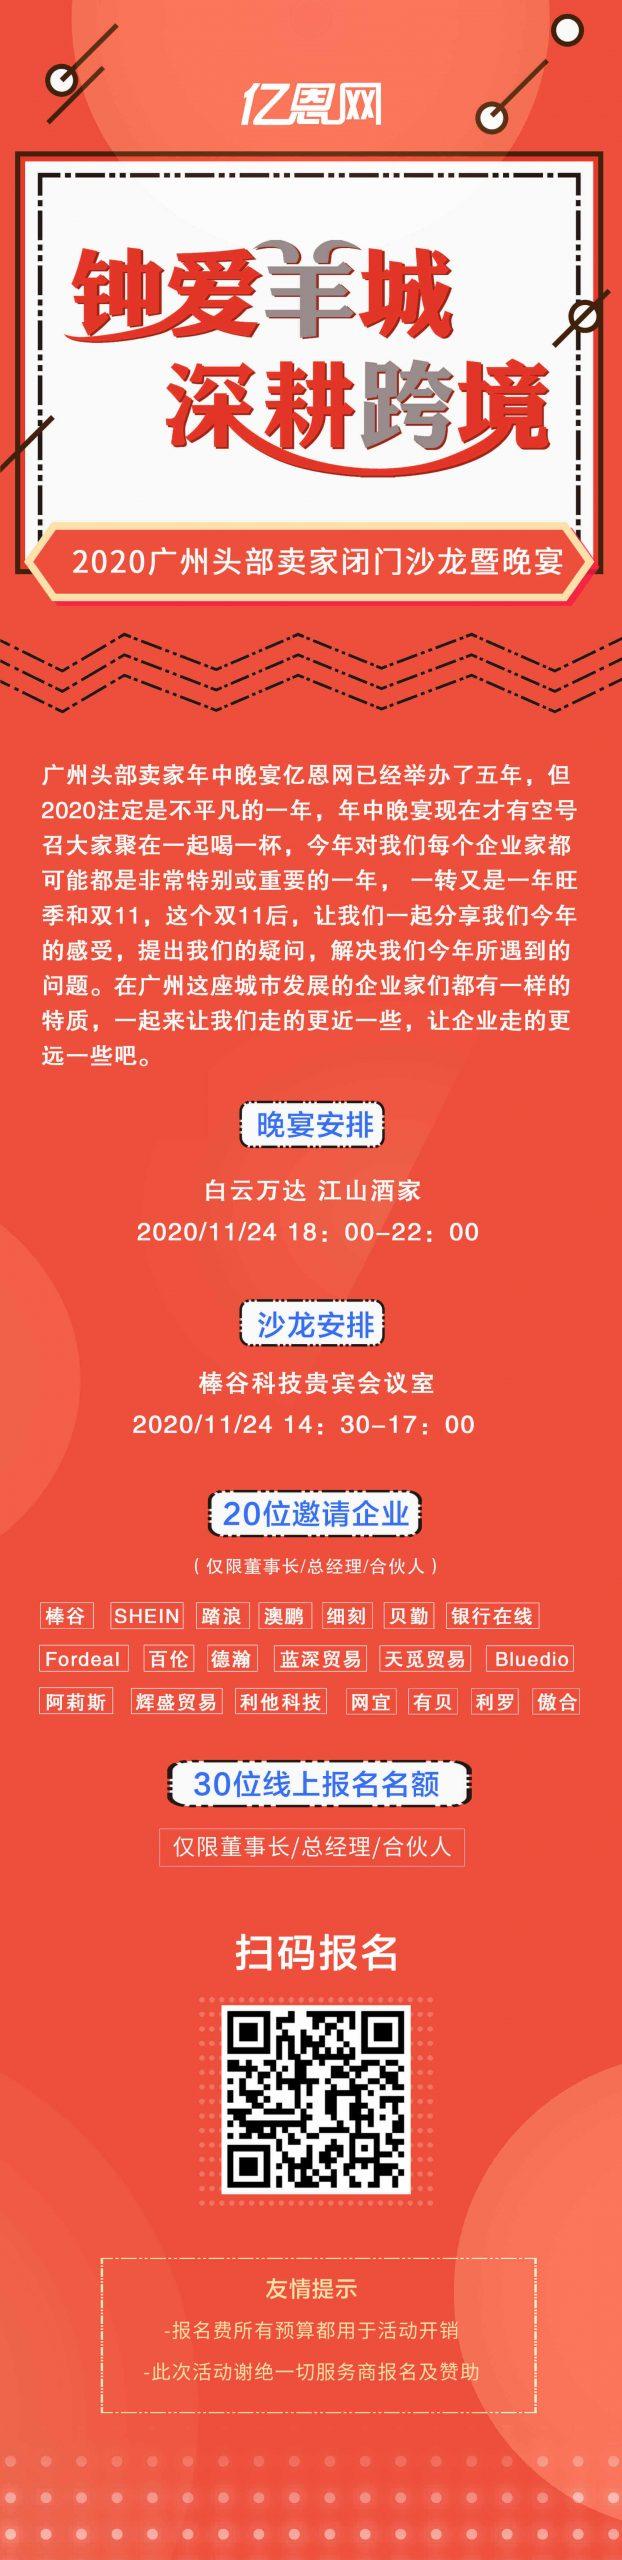 深耕跨境2020广州头部卖家闭门沙龙暨晚宴(11月24日)